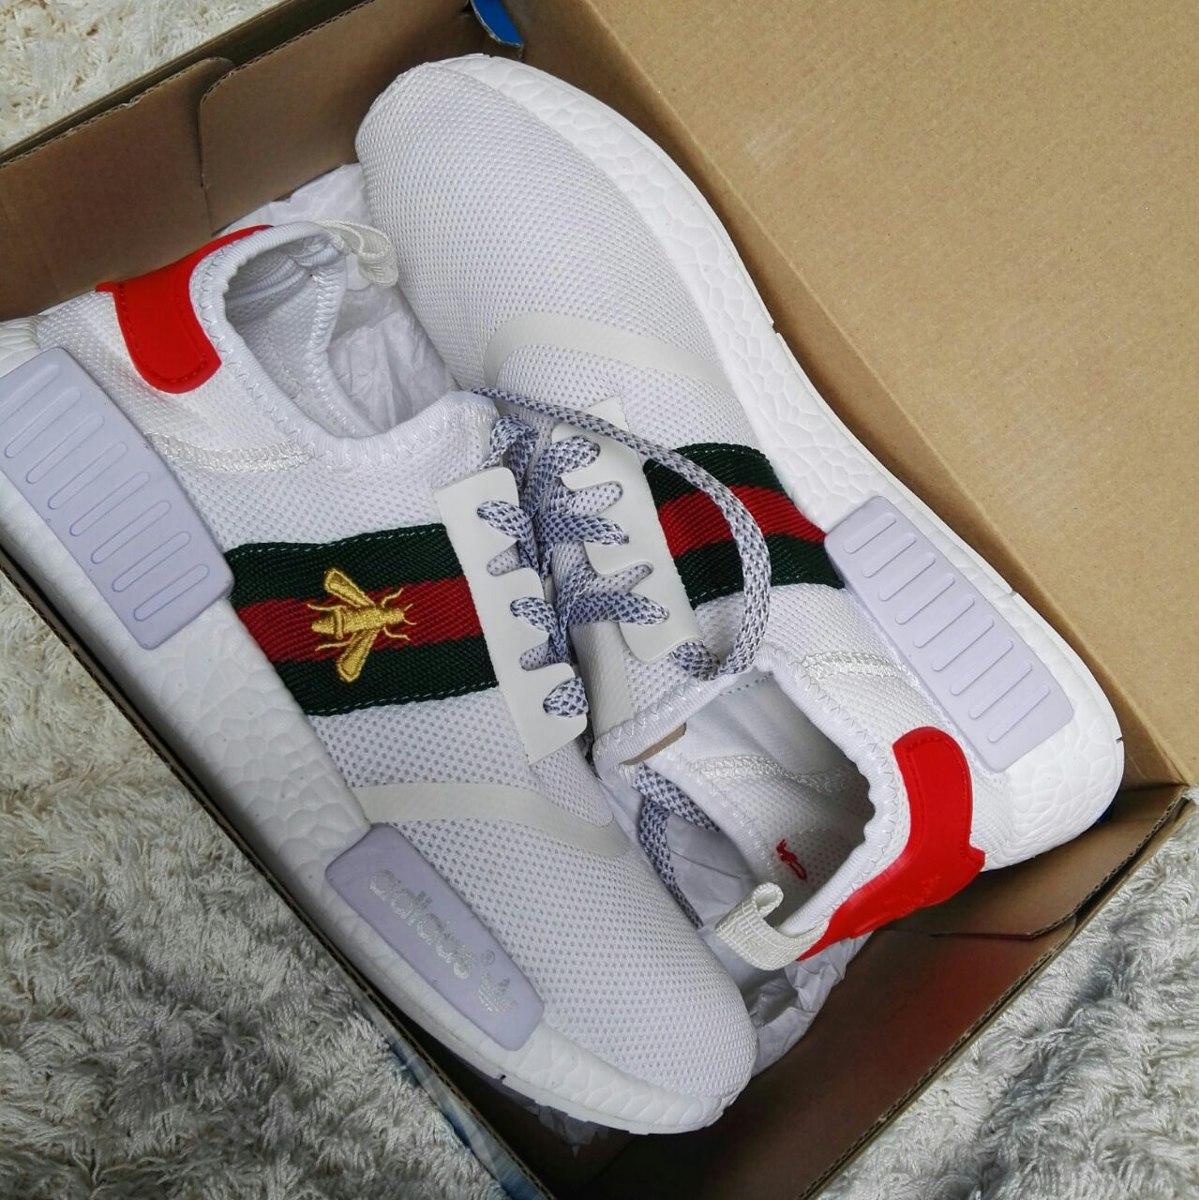 Escudriñar Me sorprendió Disparidad  adidas gucci negras - Tienda Online de Zapatos, Ropa y Complementos de marca